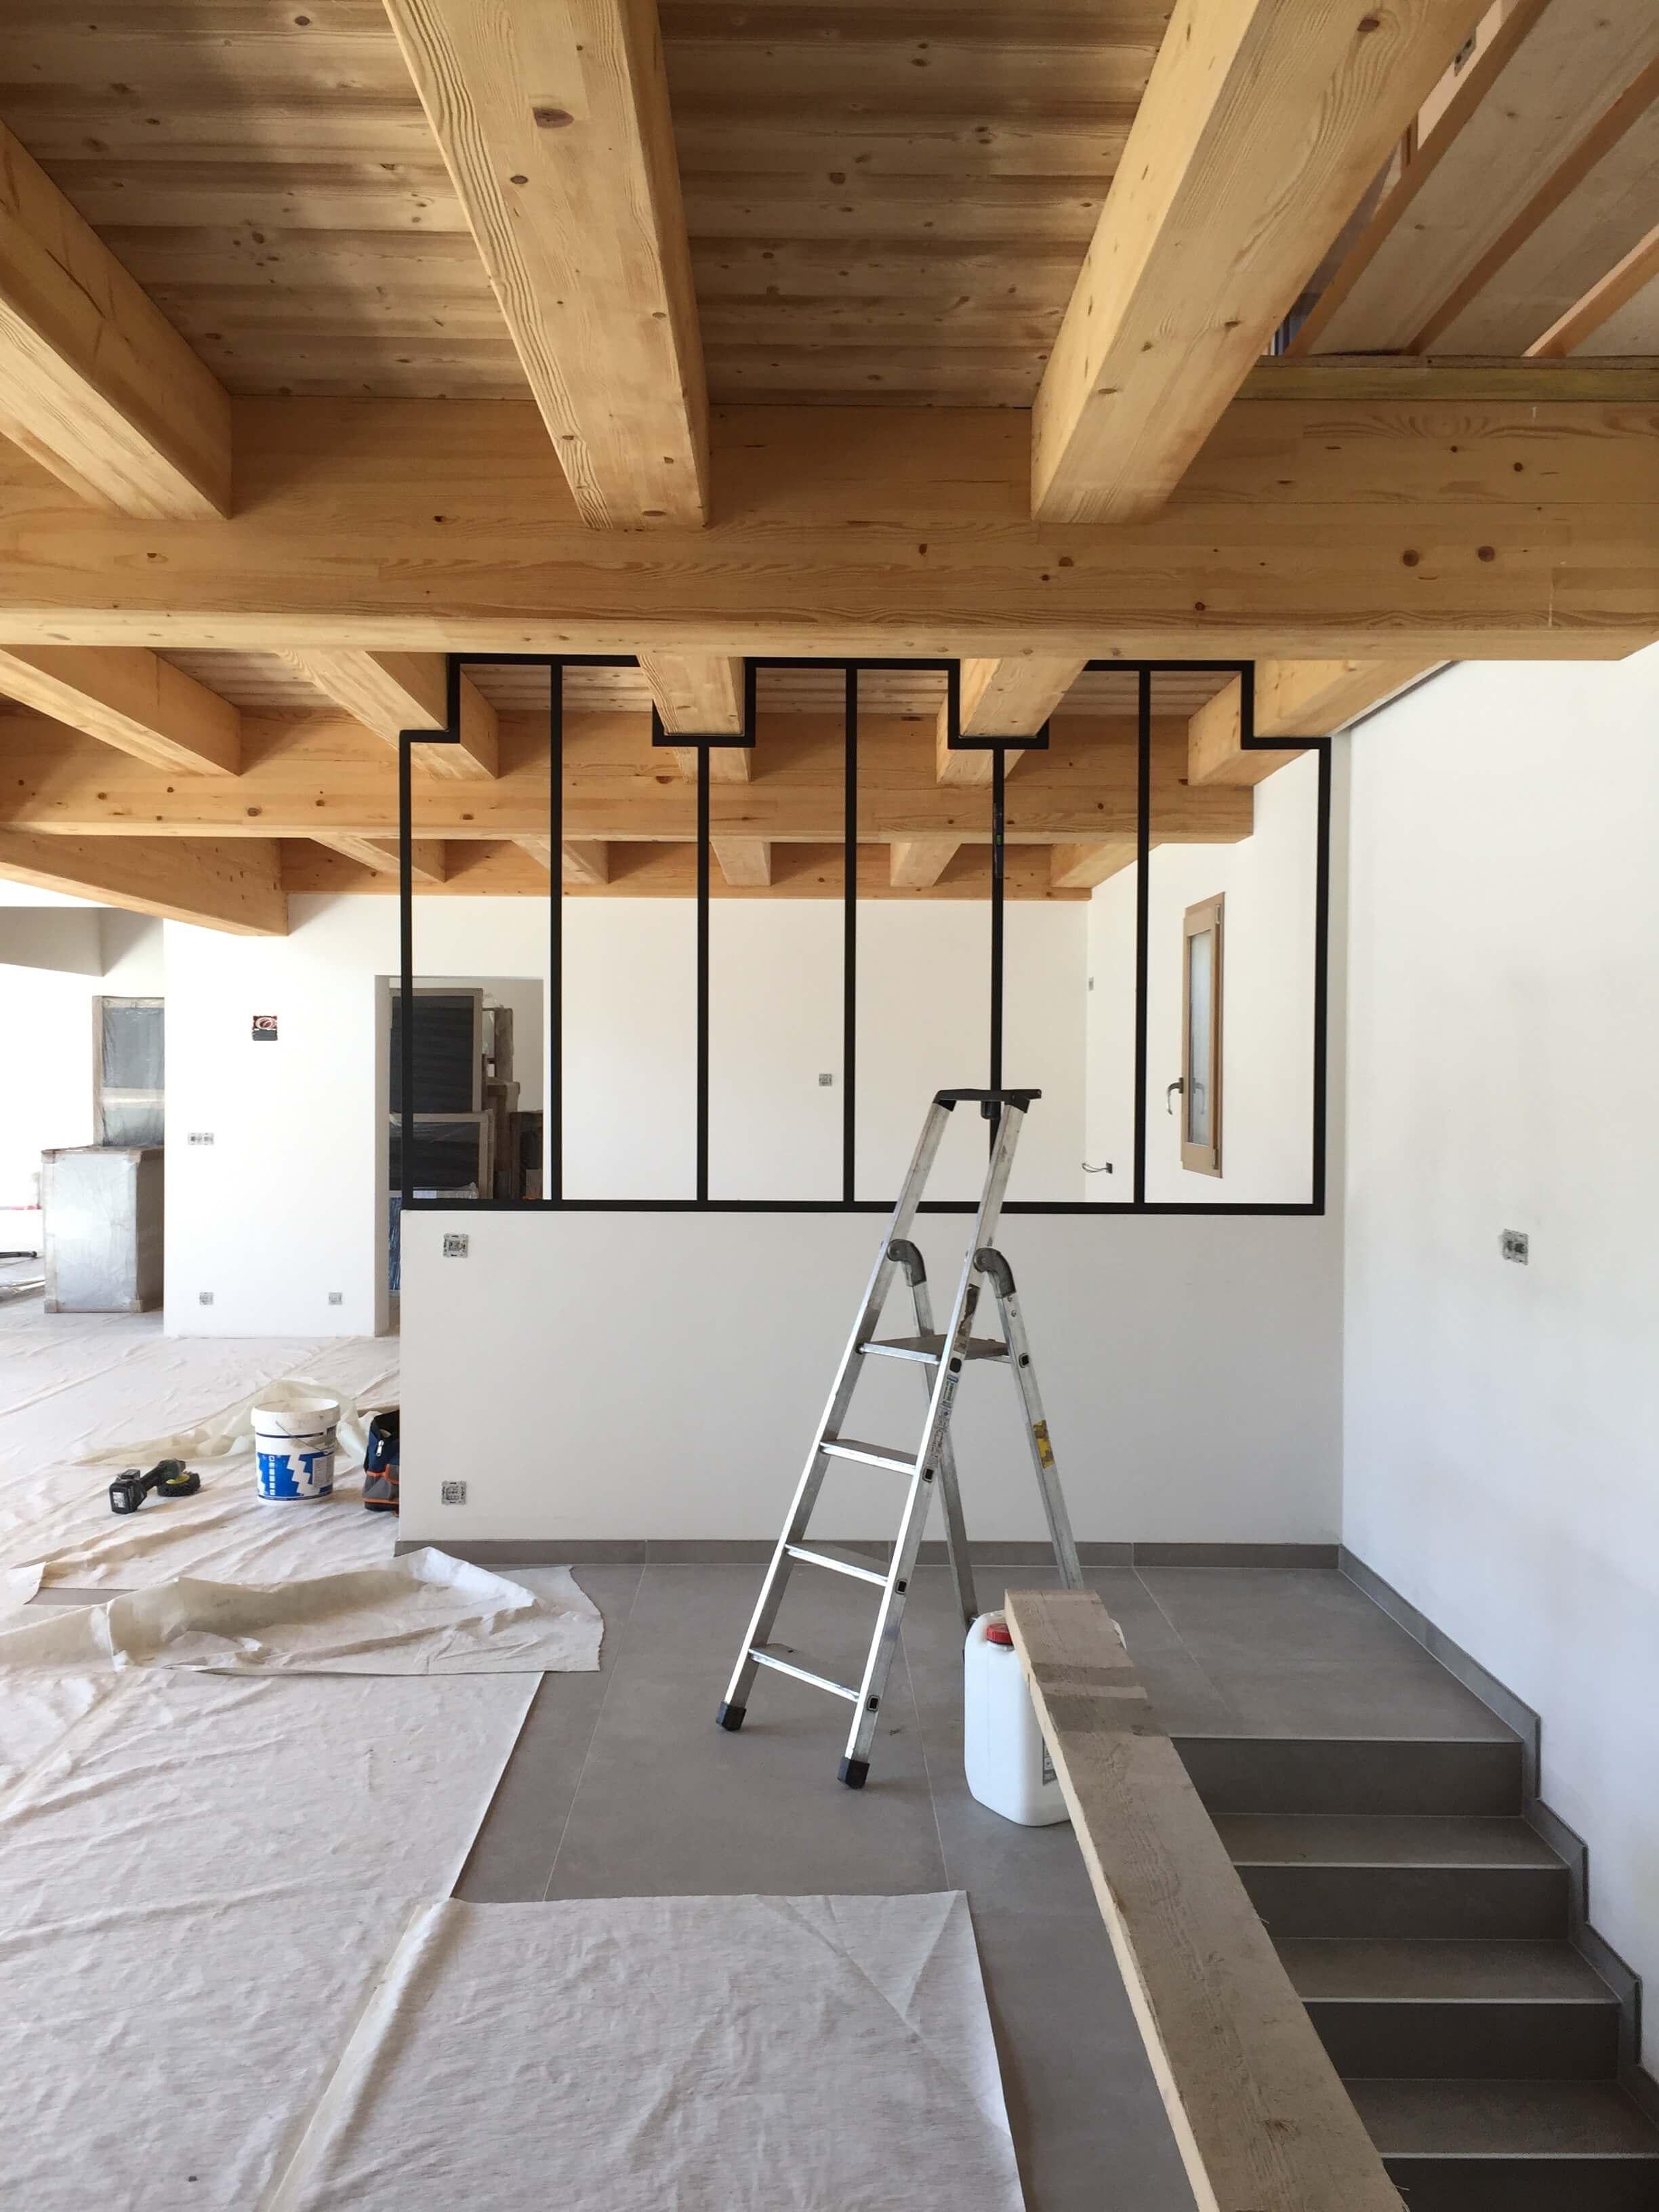 Robi design Métallique Annecy agencement intérieur verrière claustra Tarentaise 734